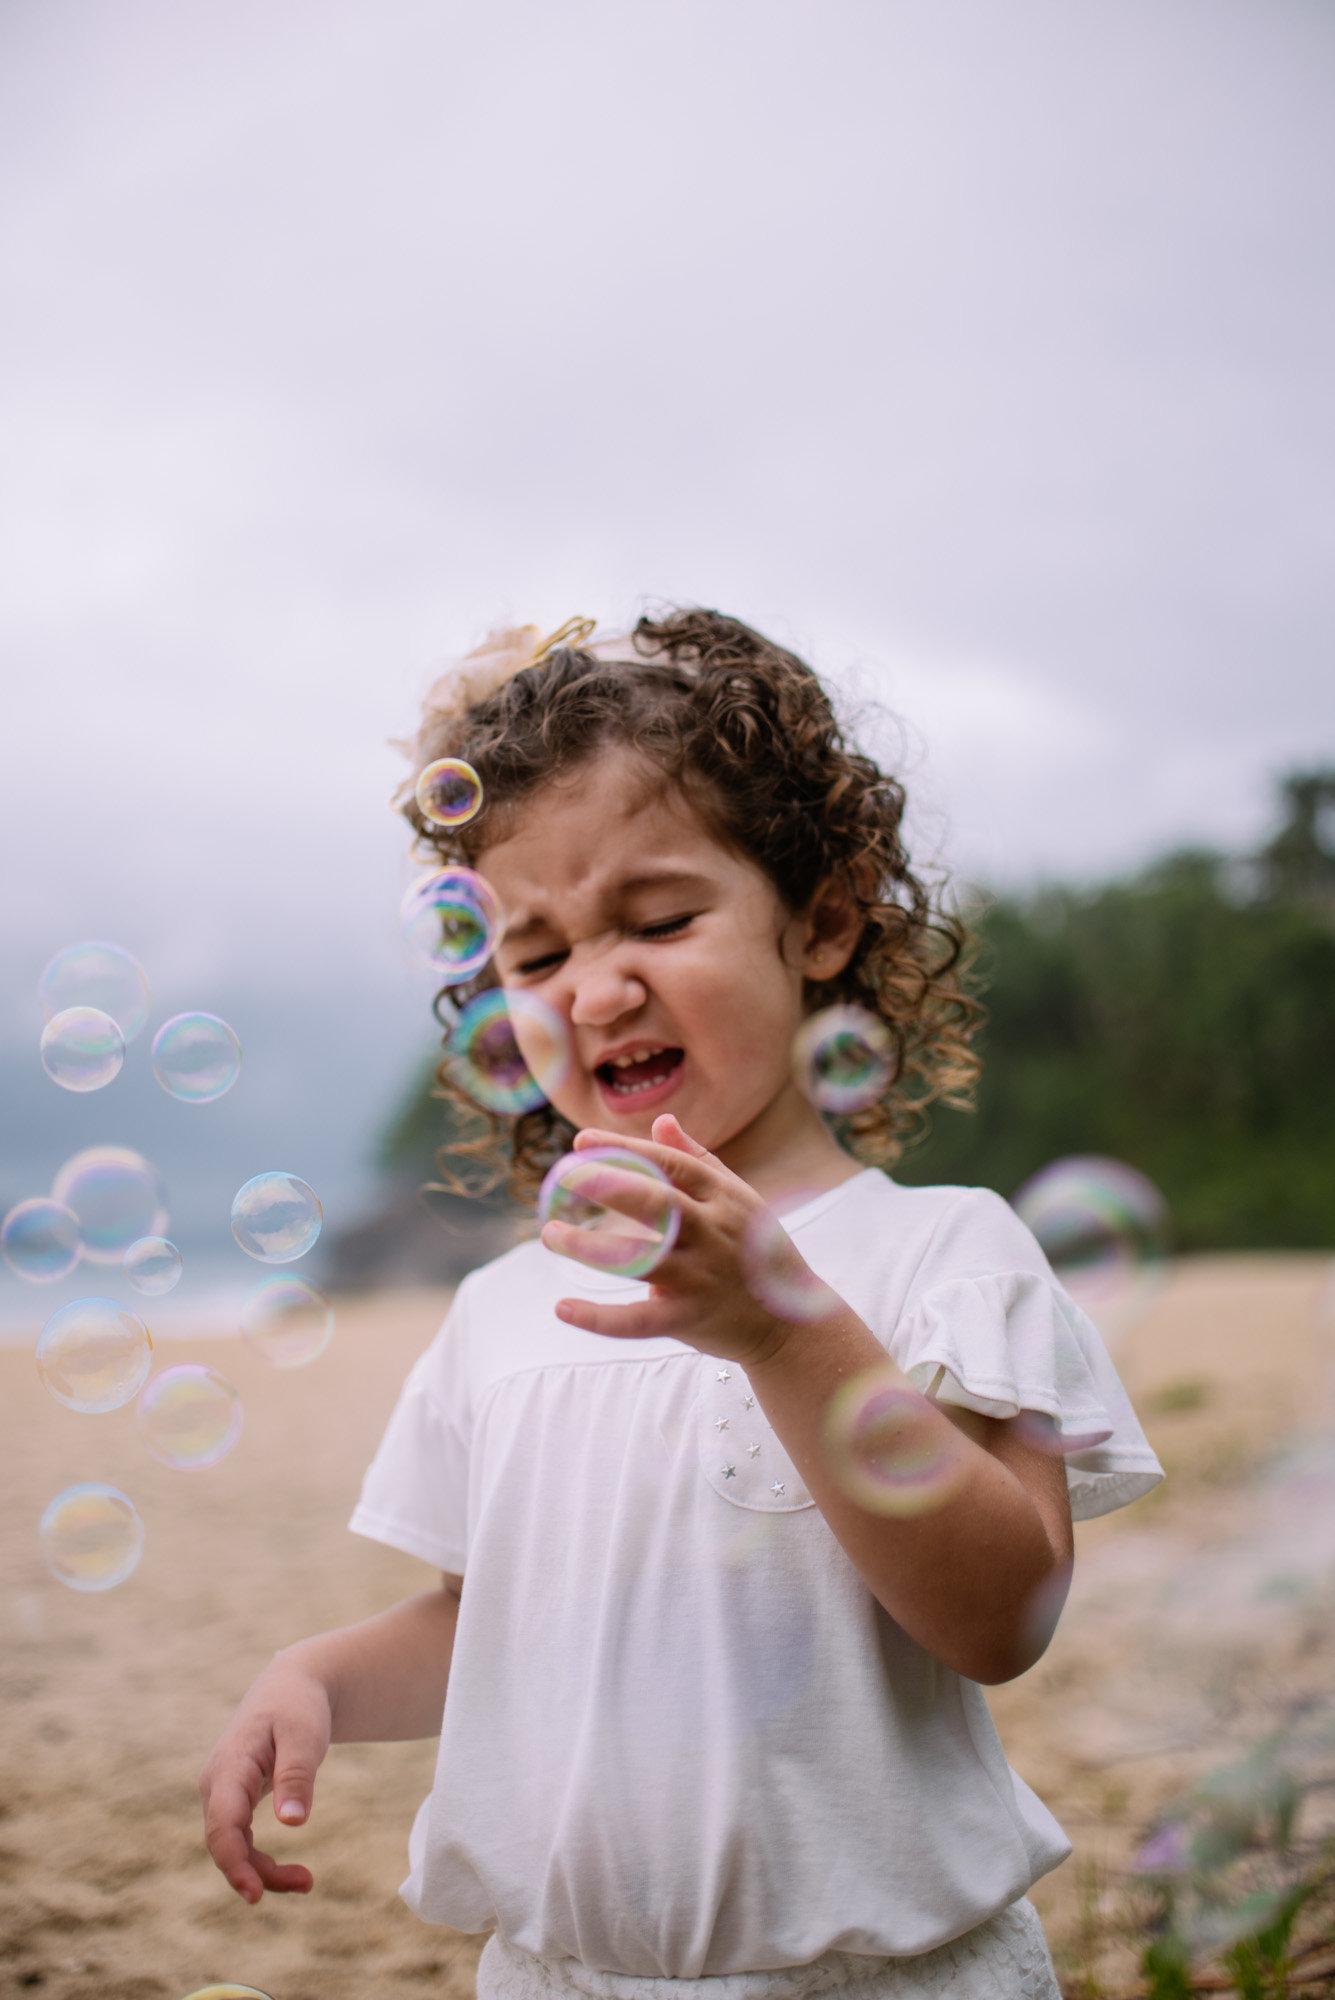 estourar bolha de sabão